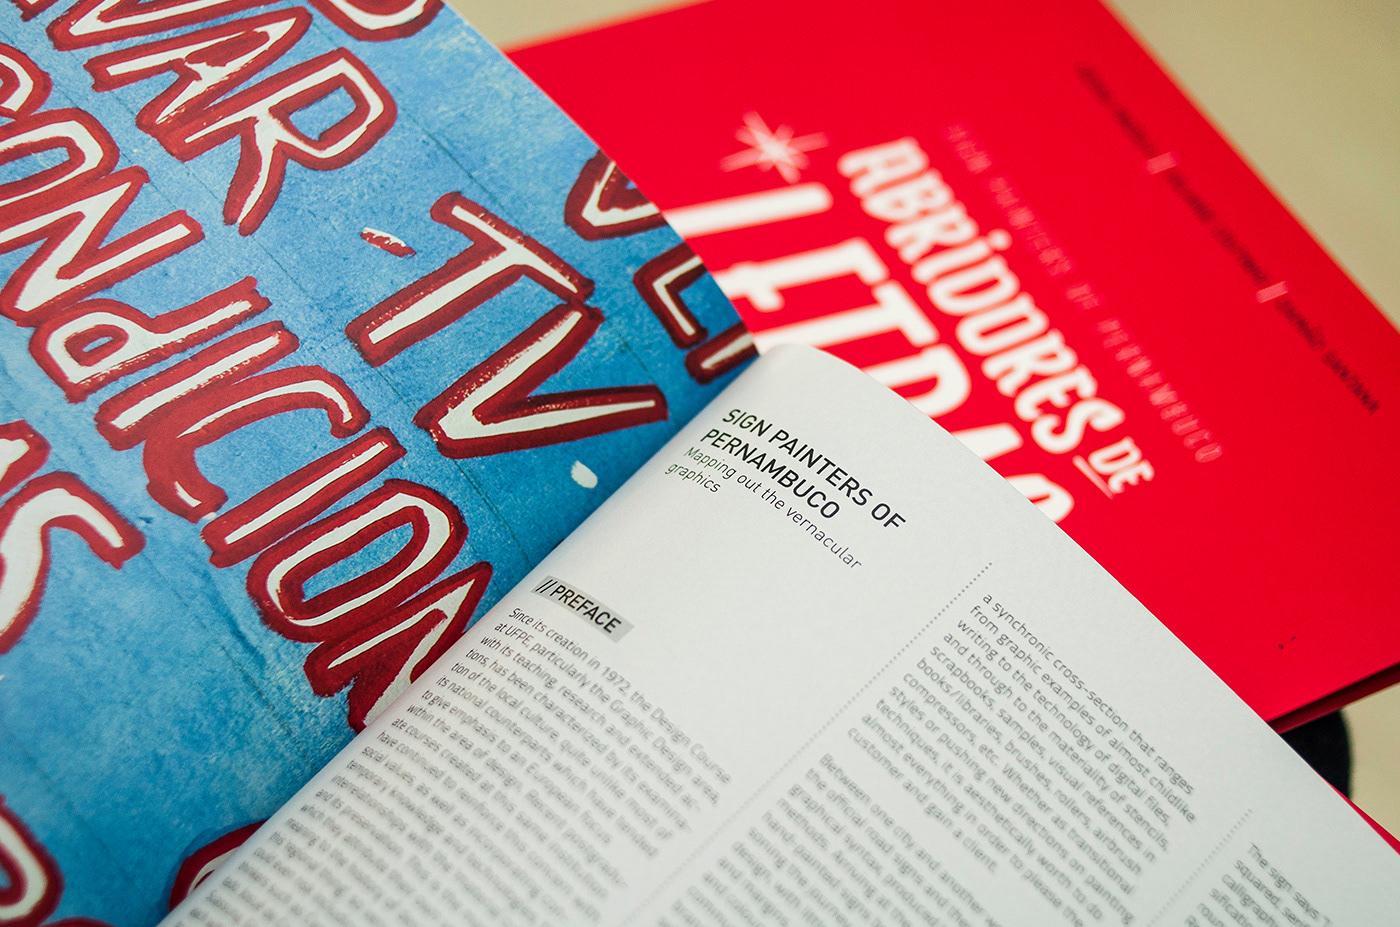 abridores de letras letras Livro design editorial corisco book vernacular blucher pernambuco